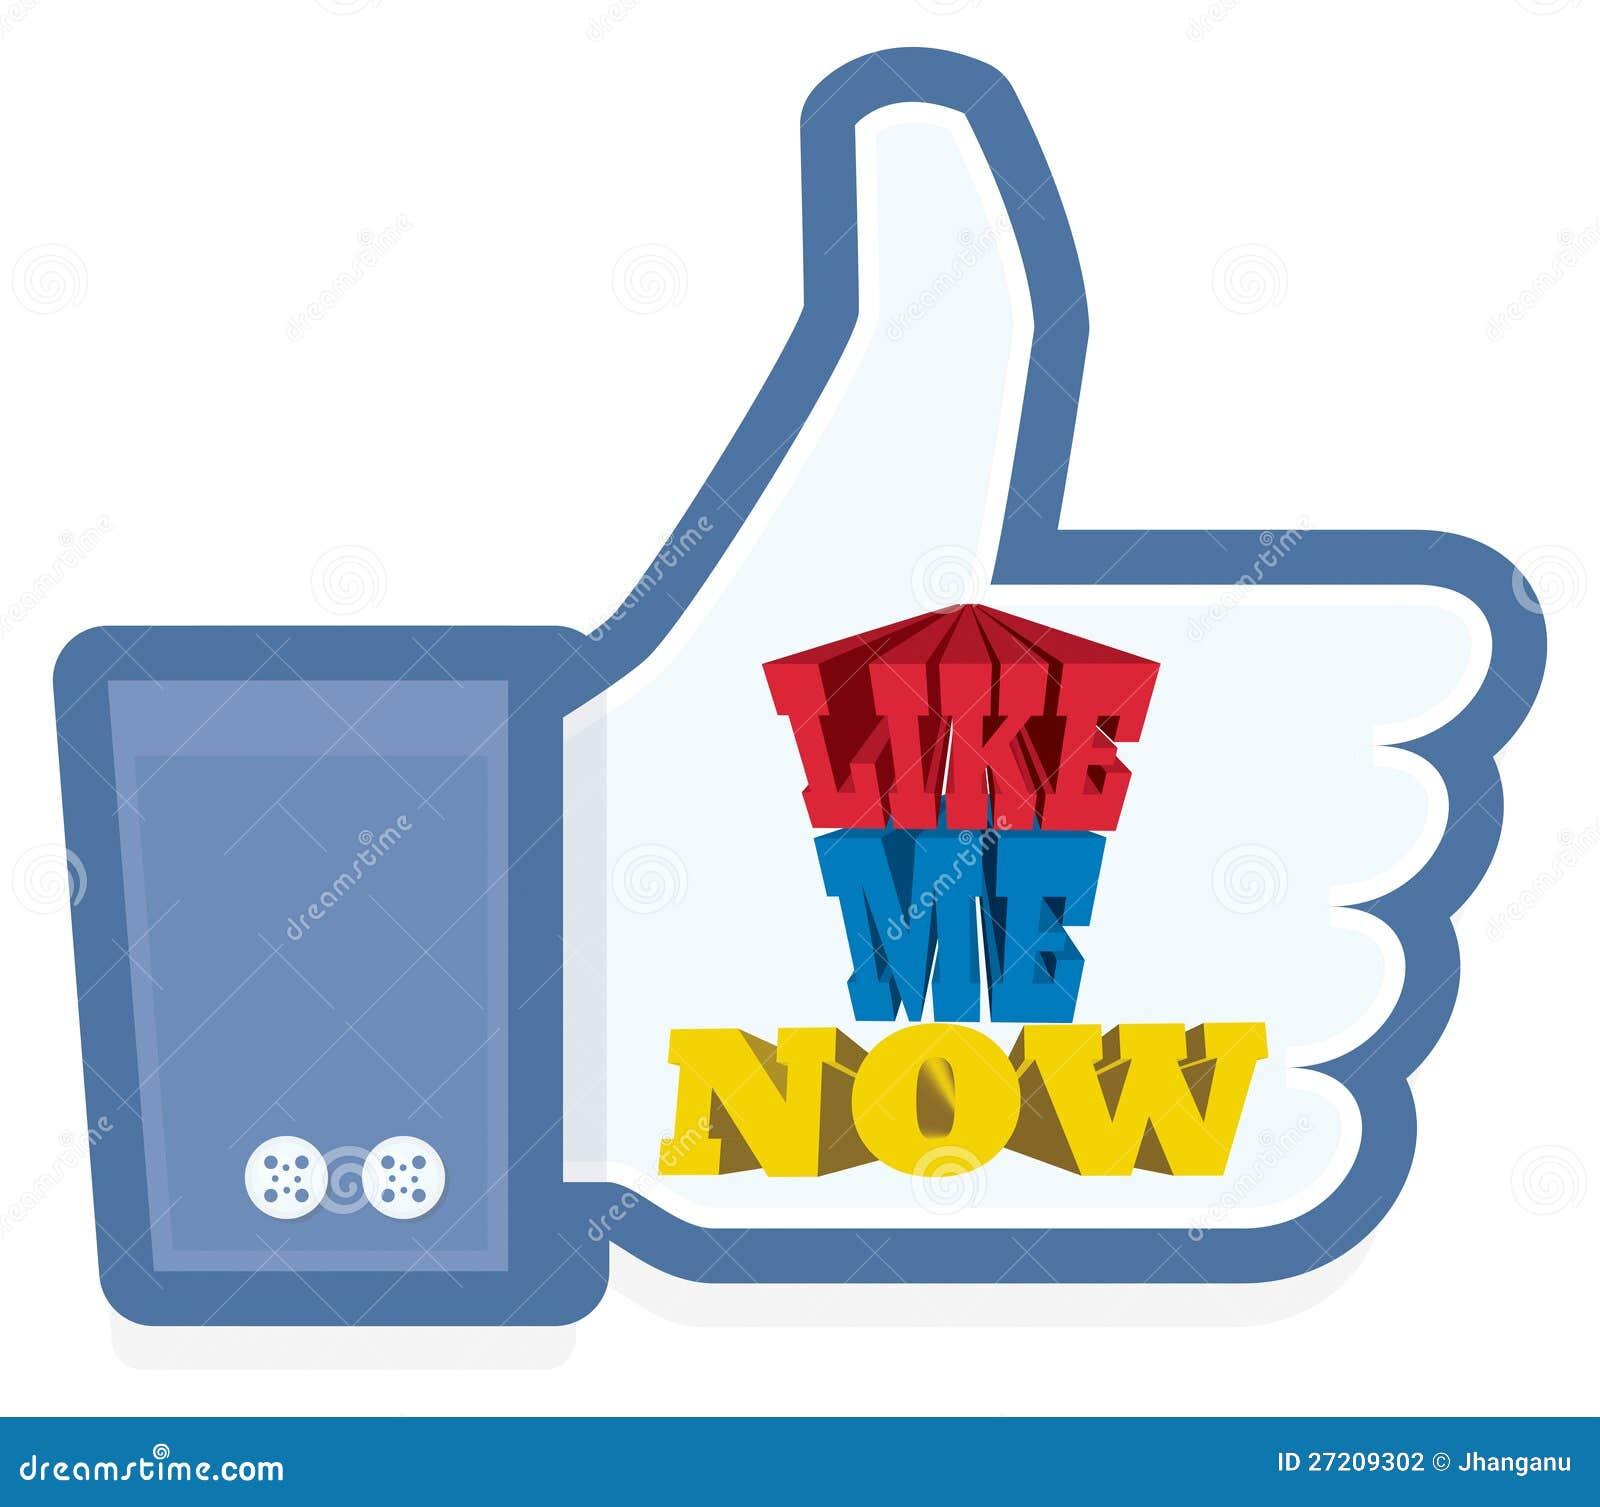 Like me now